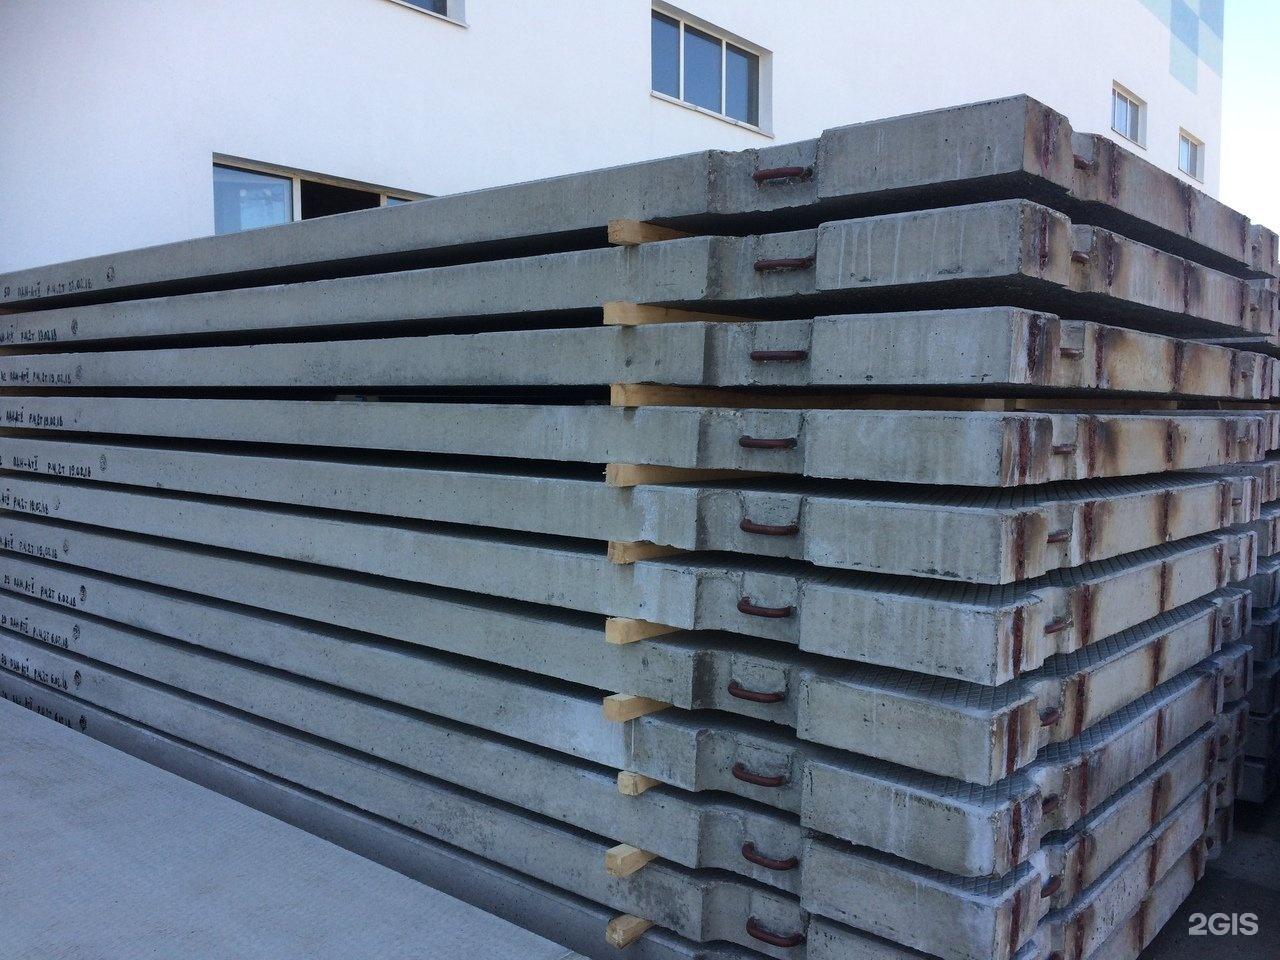 купить бетон в кирове кировспецмонтаж